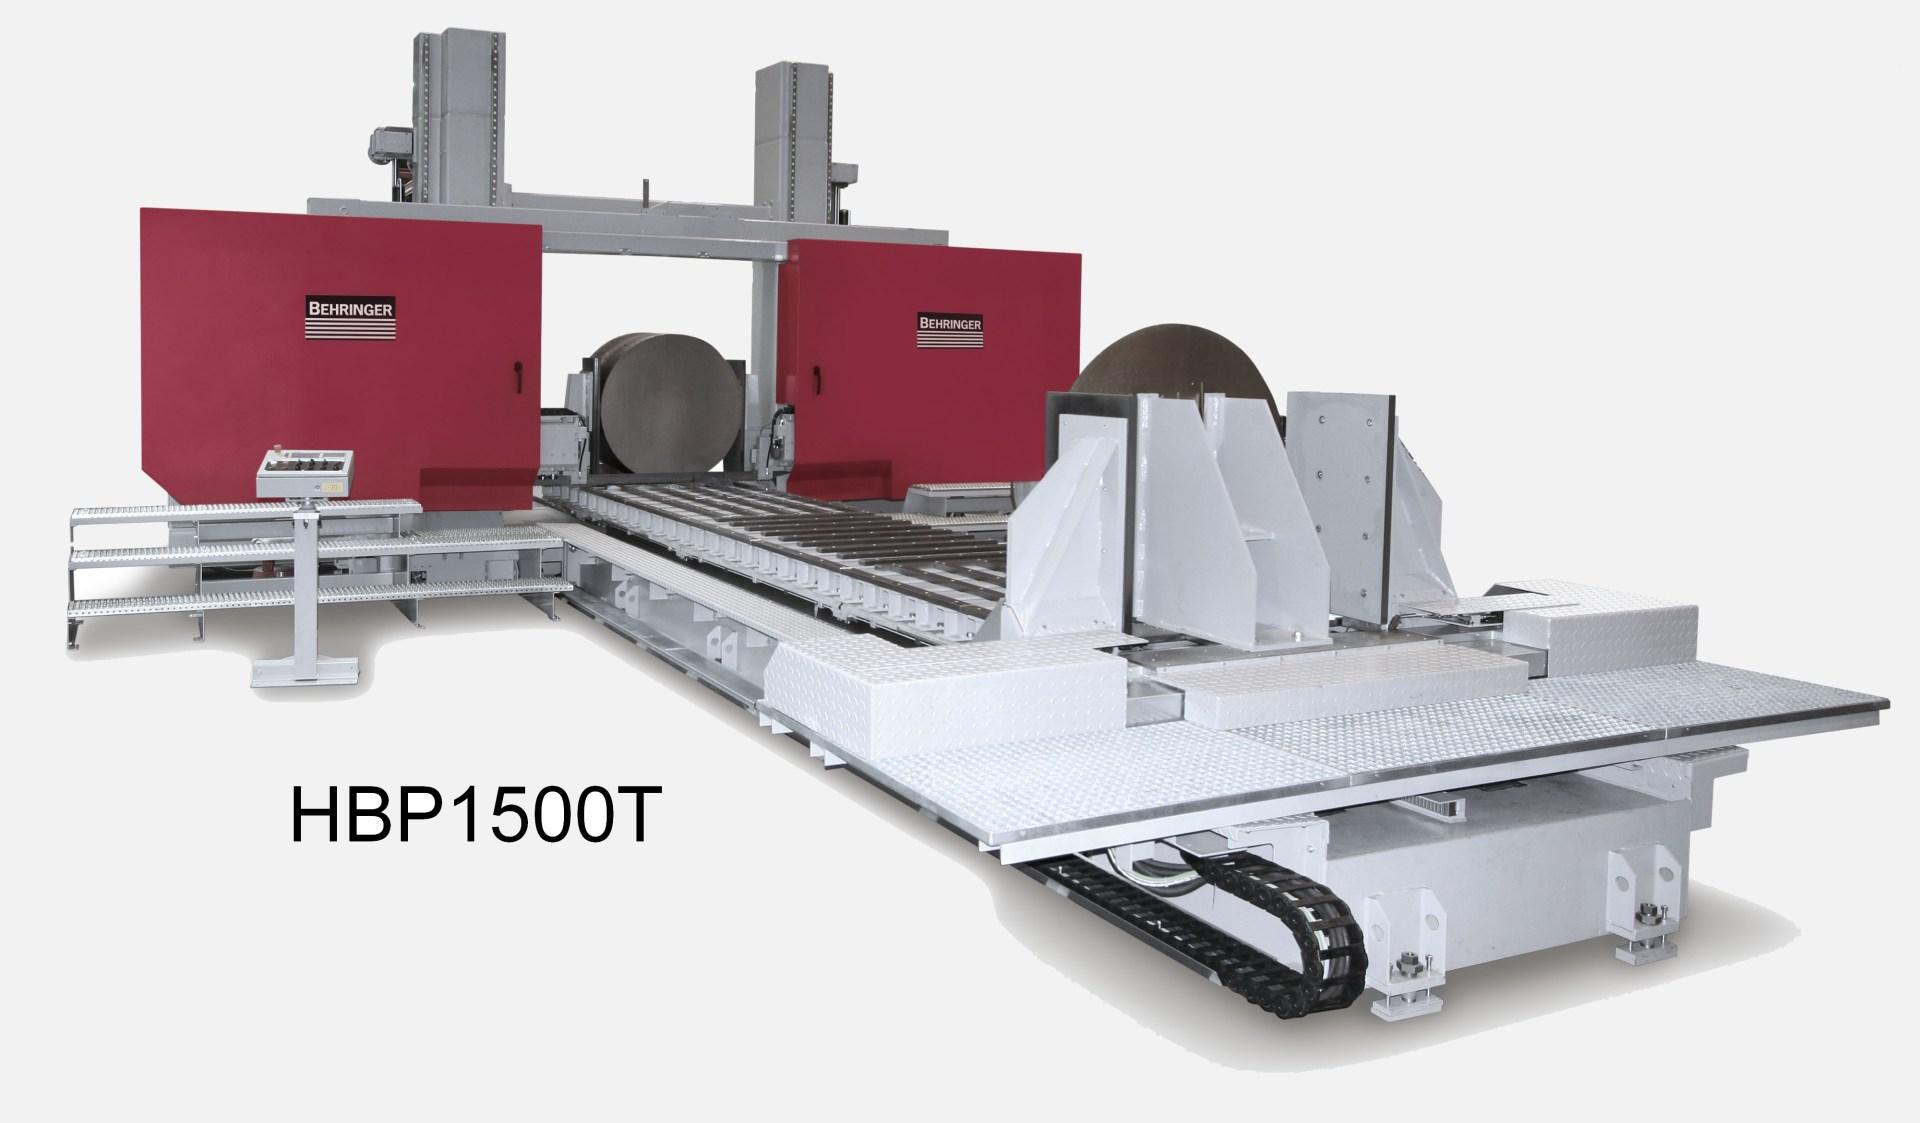 HBP1500T